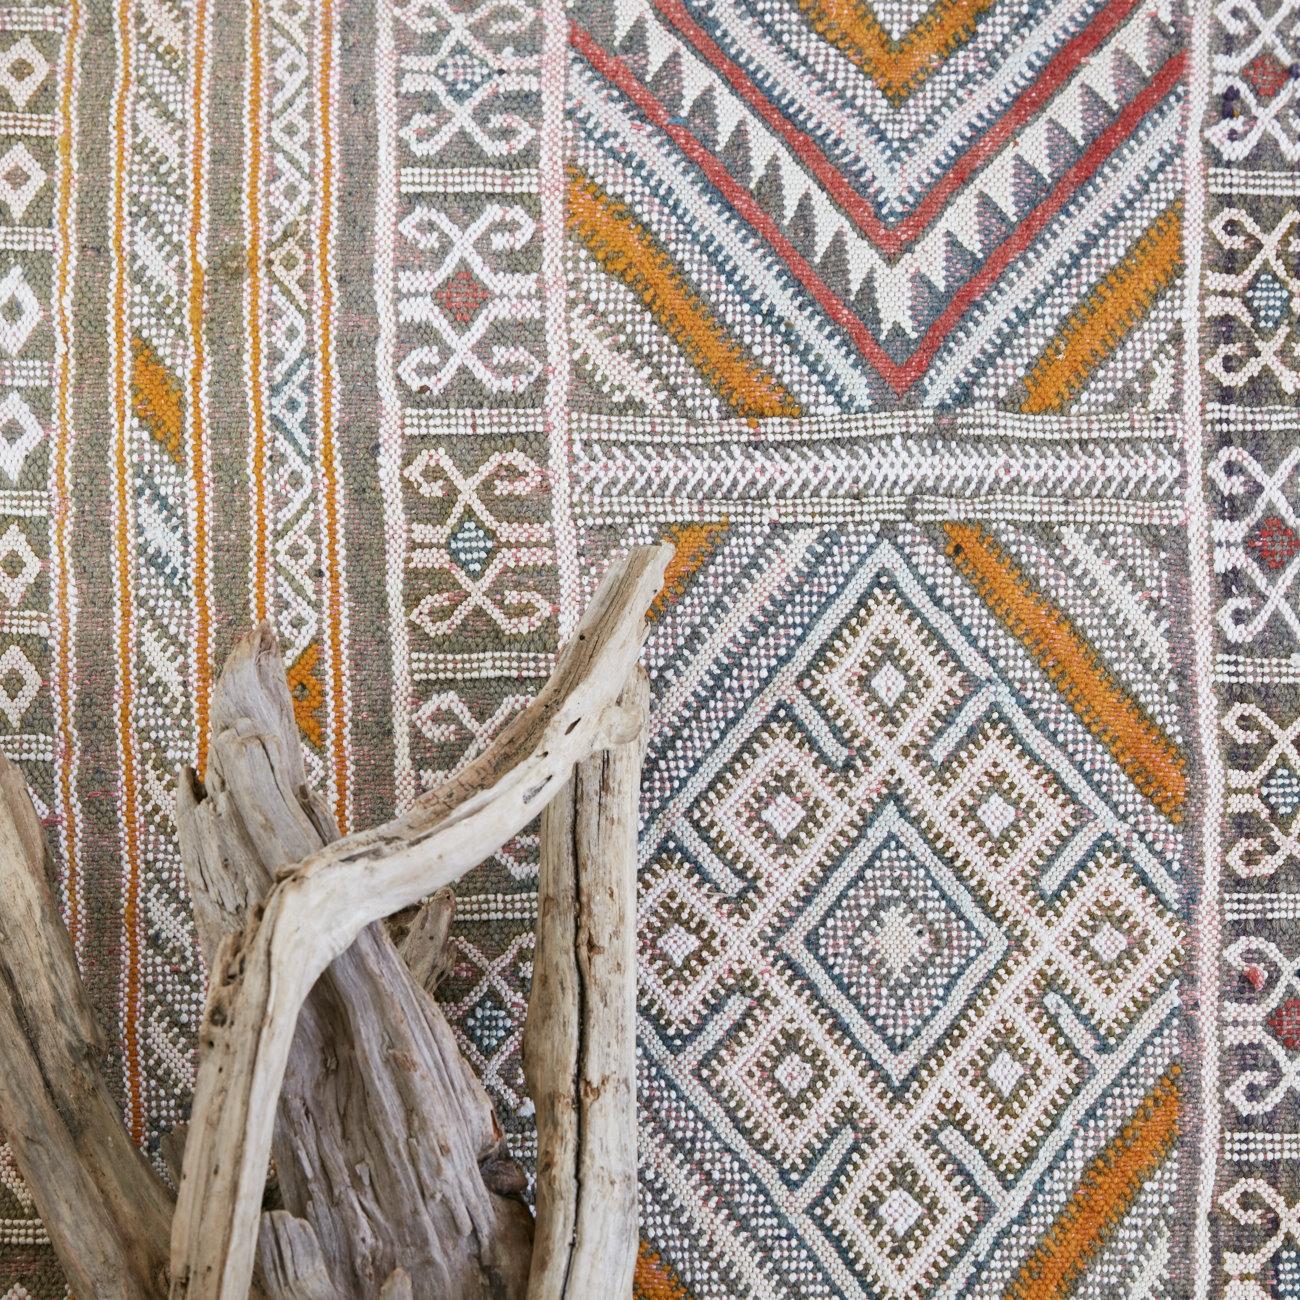 Full Size of Teppich Grau Beige Kurzflor Meliert Rund Muster Gemustert Braun Ikea Schwarz 200x200 Kelim Marokko Safran Schne Beute Wohnzimmer Teppiche Bad Schlafzimmer Wohnzimmer Teppich Grau Beige